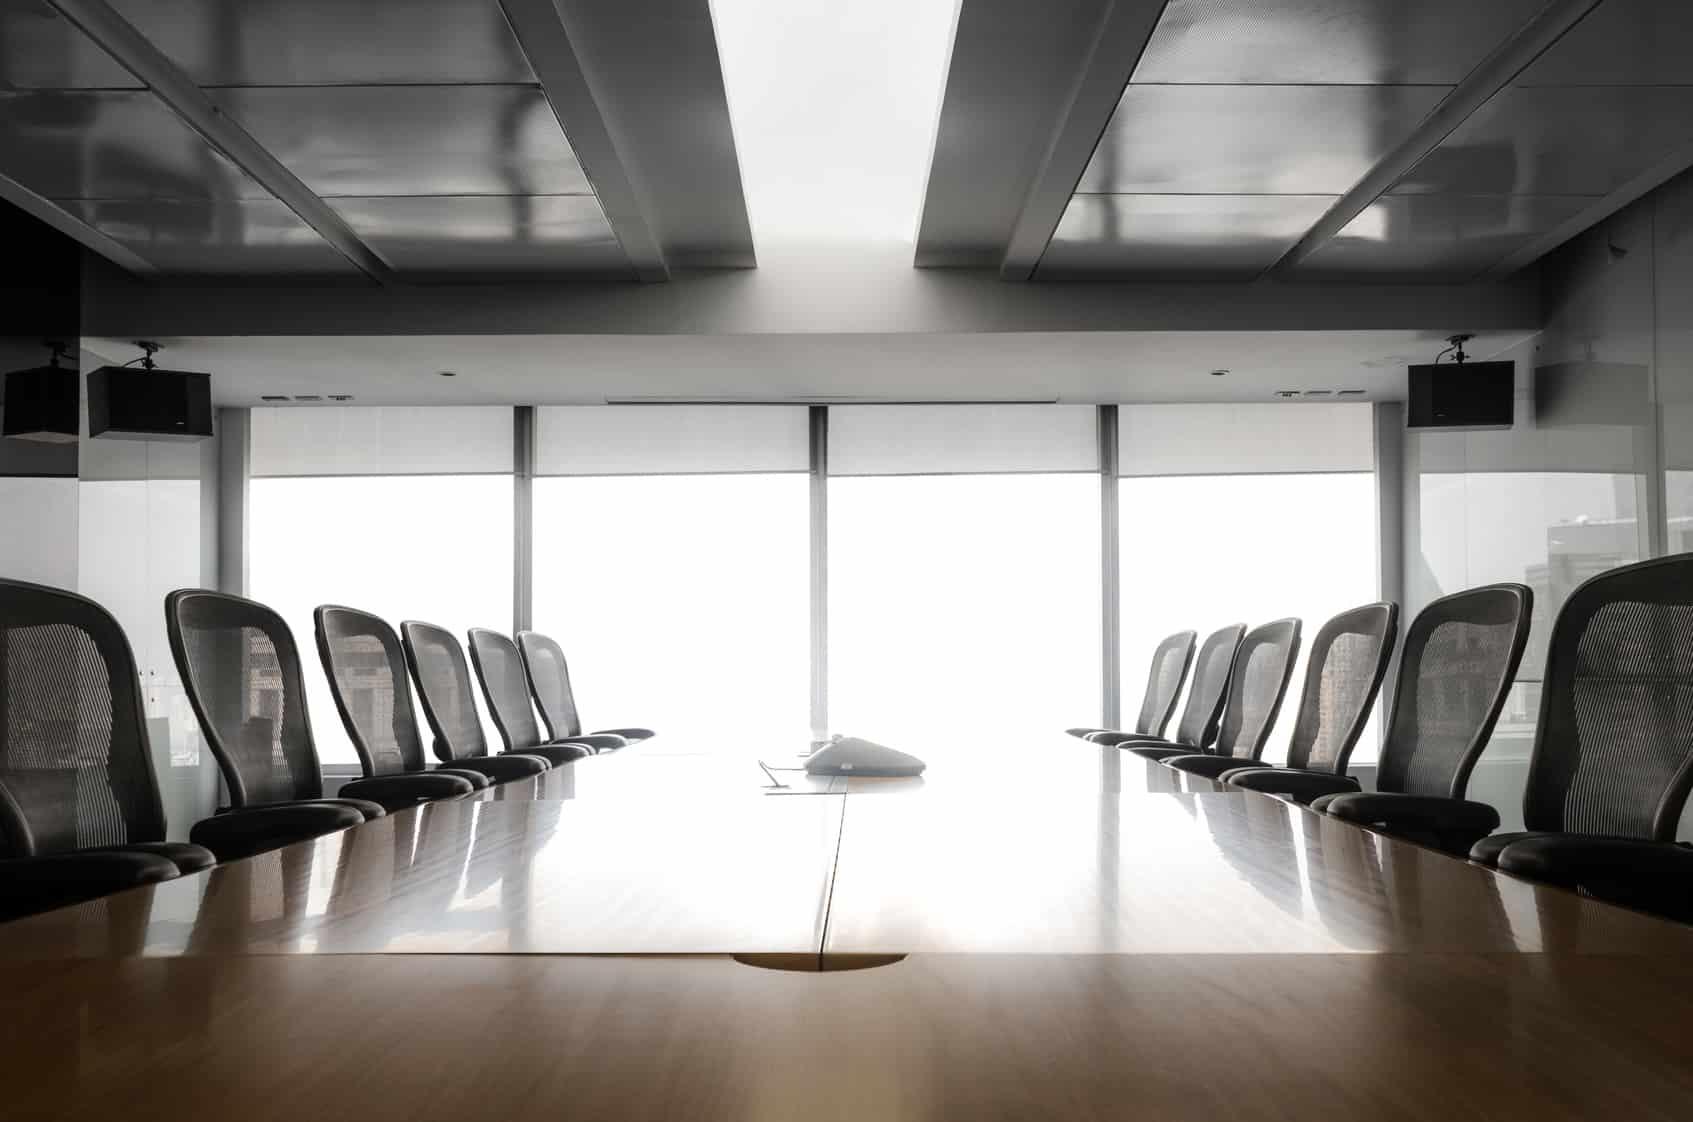 Adriana Labardini asumió, a partir de ayer, la presidencia del Instituto Federal de Telecomunicaciones en sustitución de Gabriel Contreras.